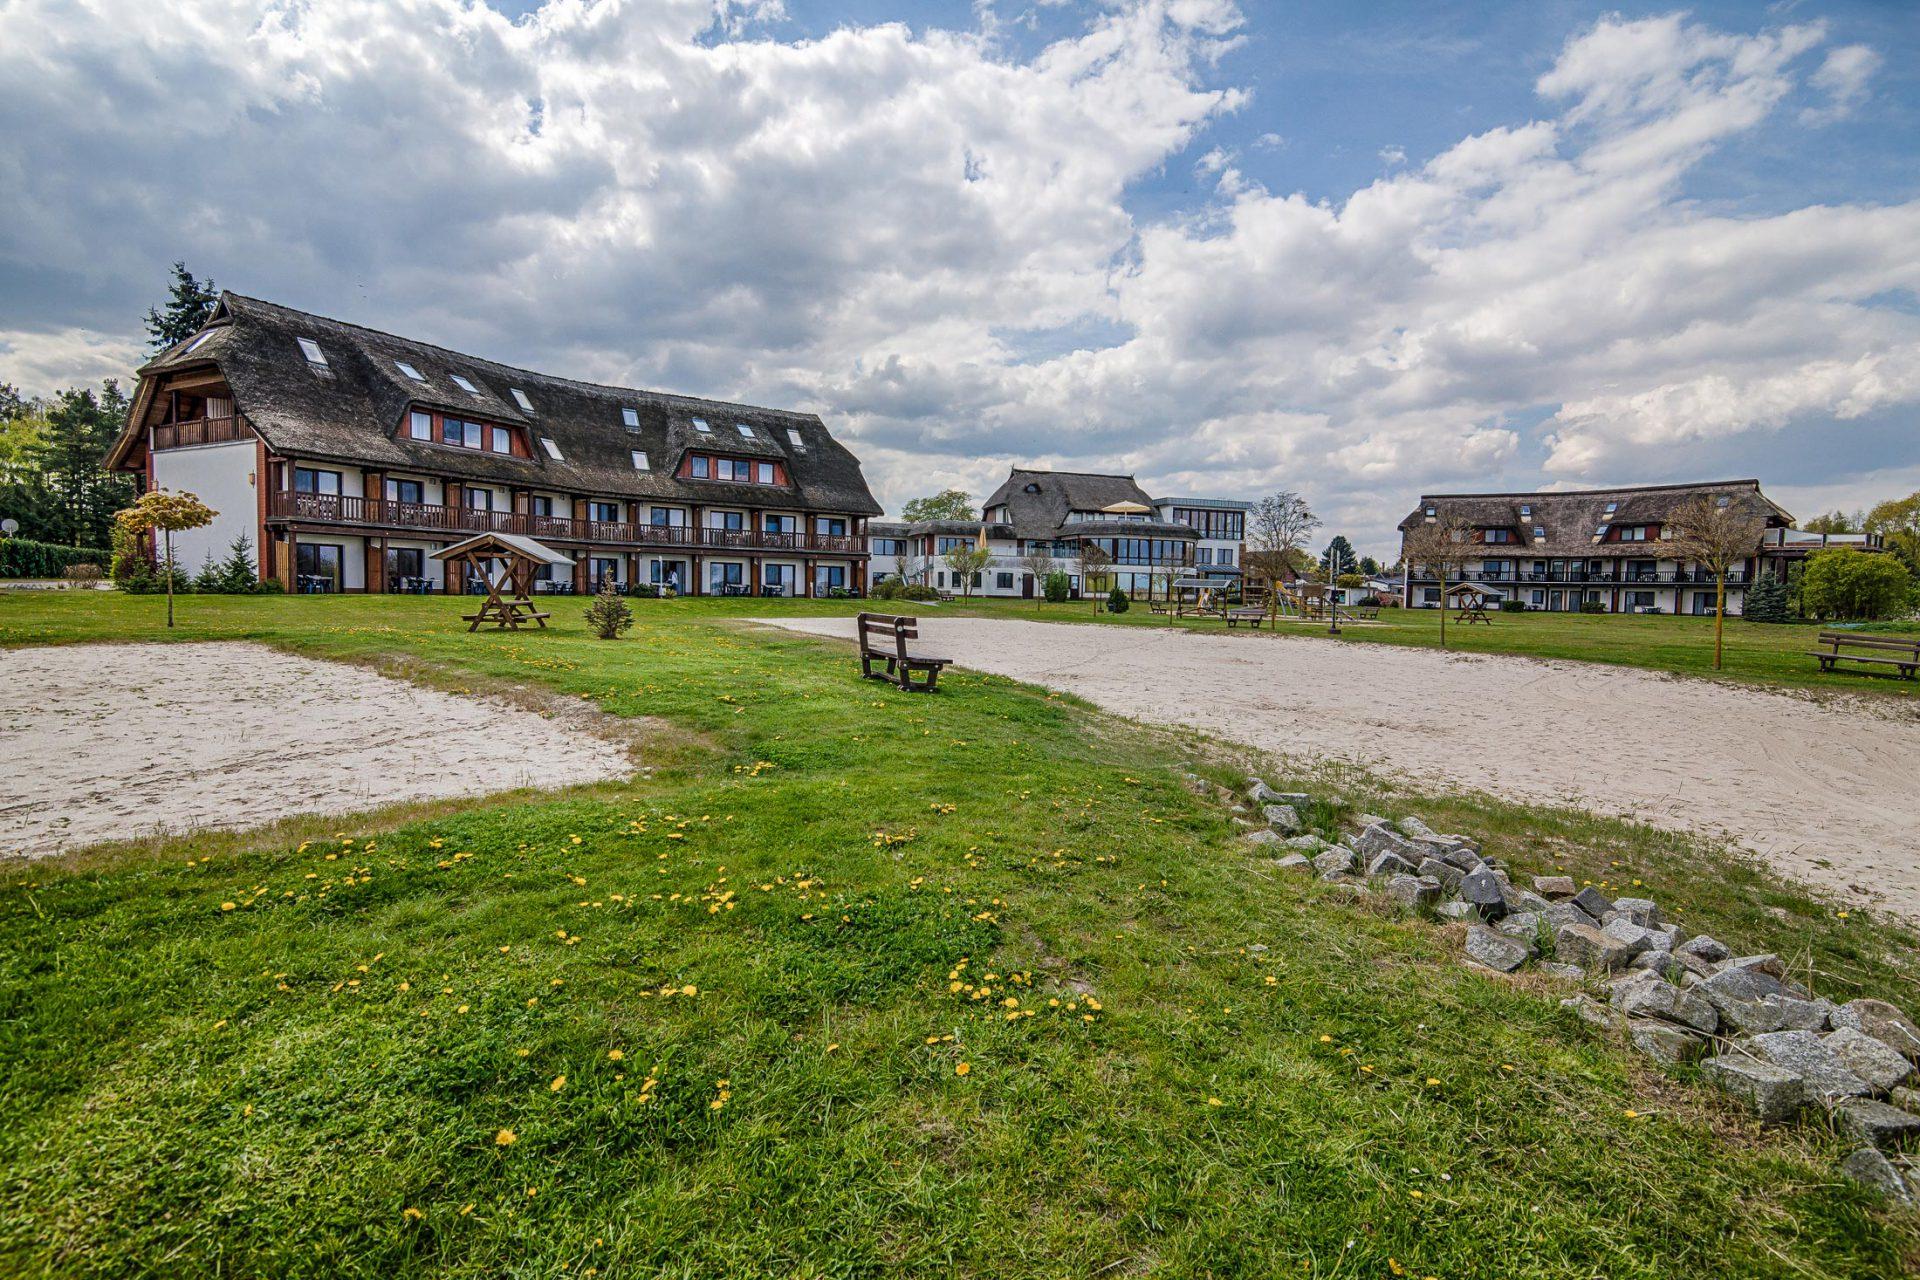 BU: Hotel- und Ferienanlage mit Vorzeigecharakter: Das Haffhus Ueckermünde versorgt sich bereits mit erneuerbarer Energie. Jetzt soll auch die Abwärme im SPA-Bereich noch effizient genutzt werden (Foto: Haffhus GmbH).